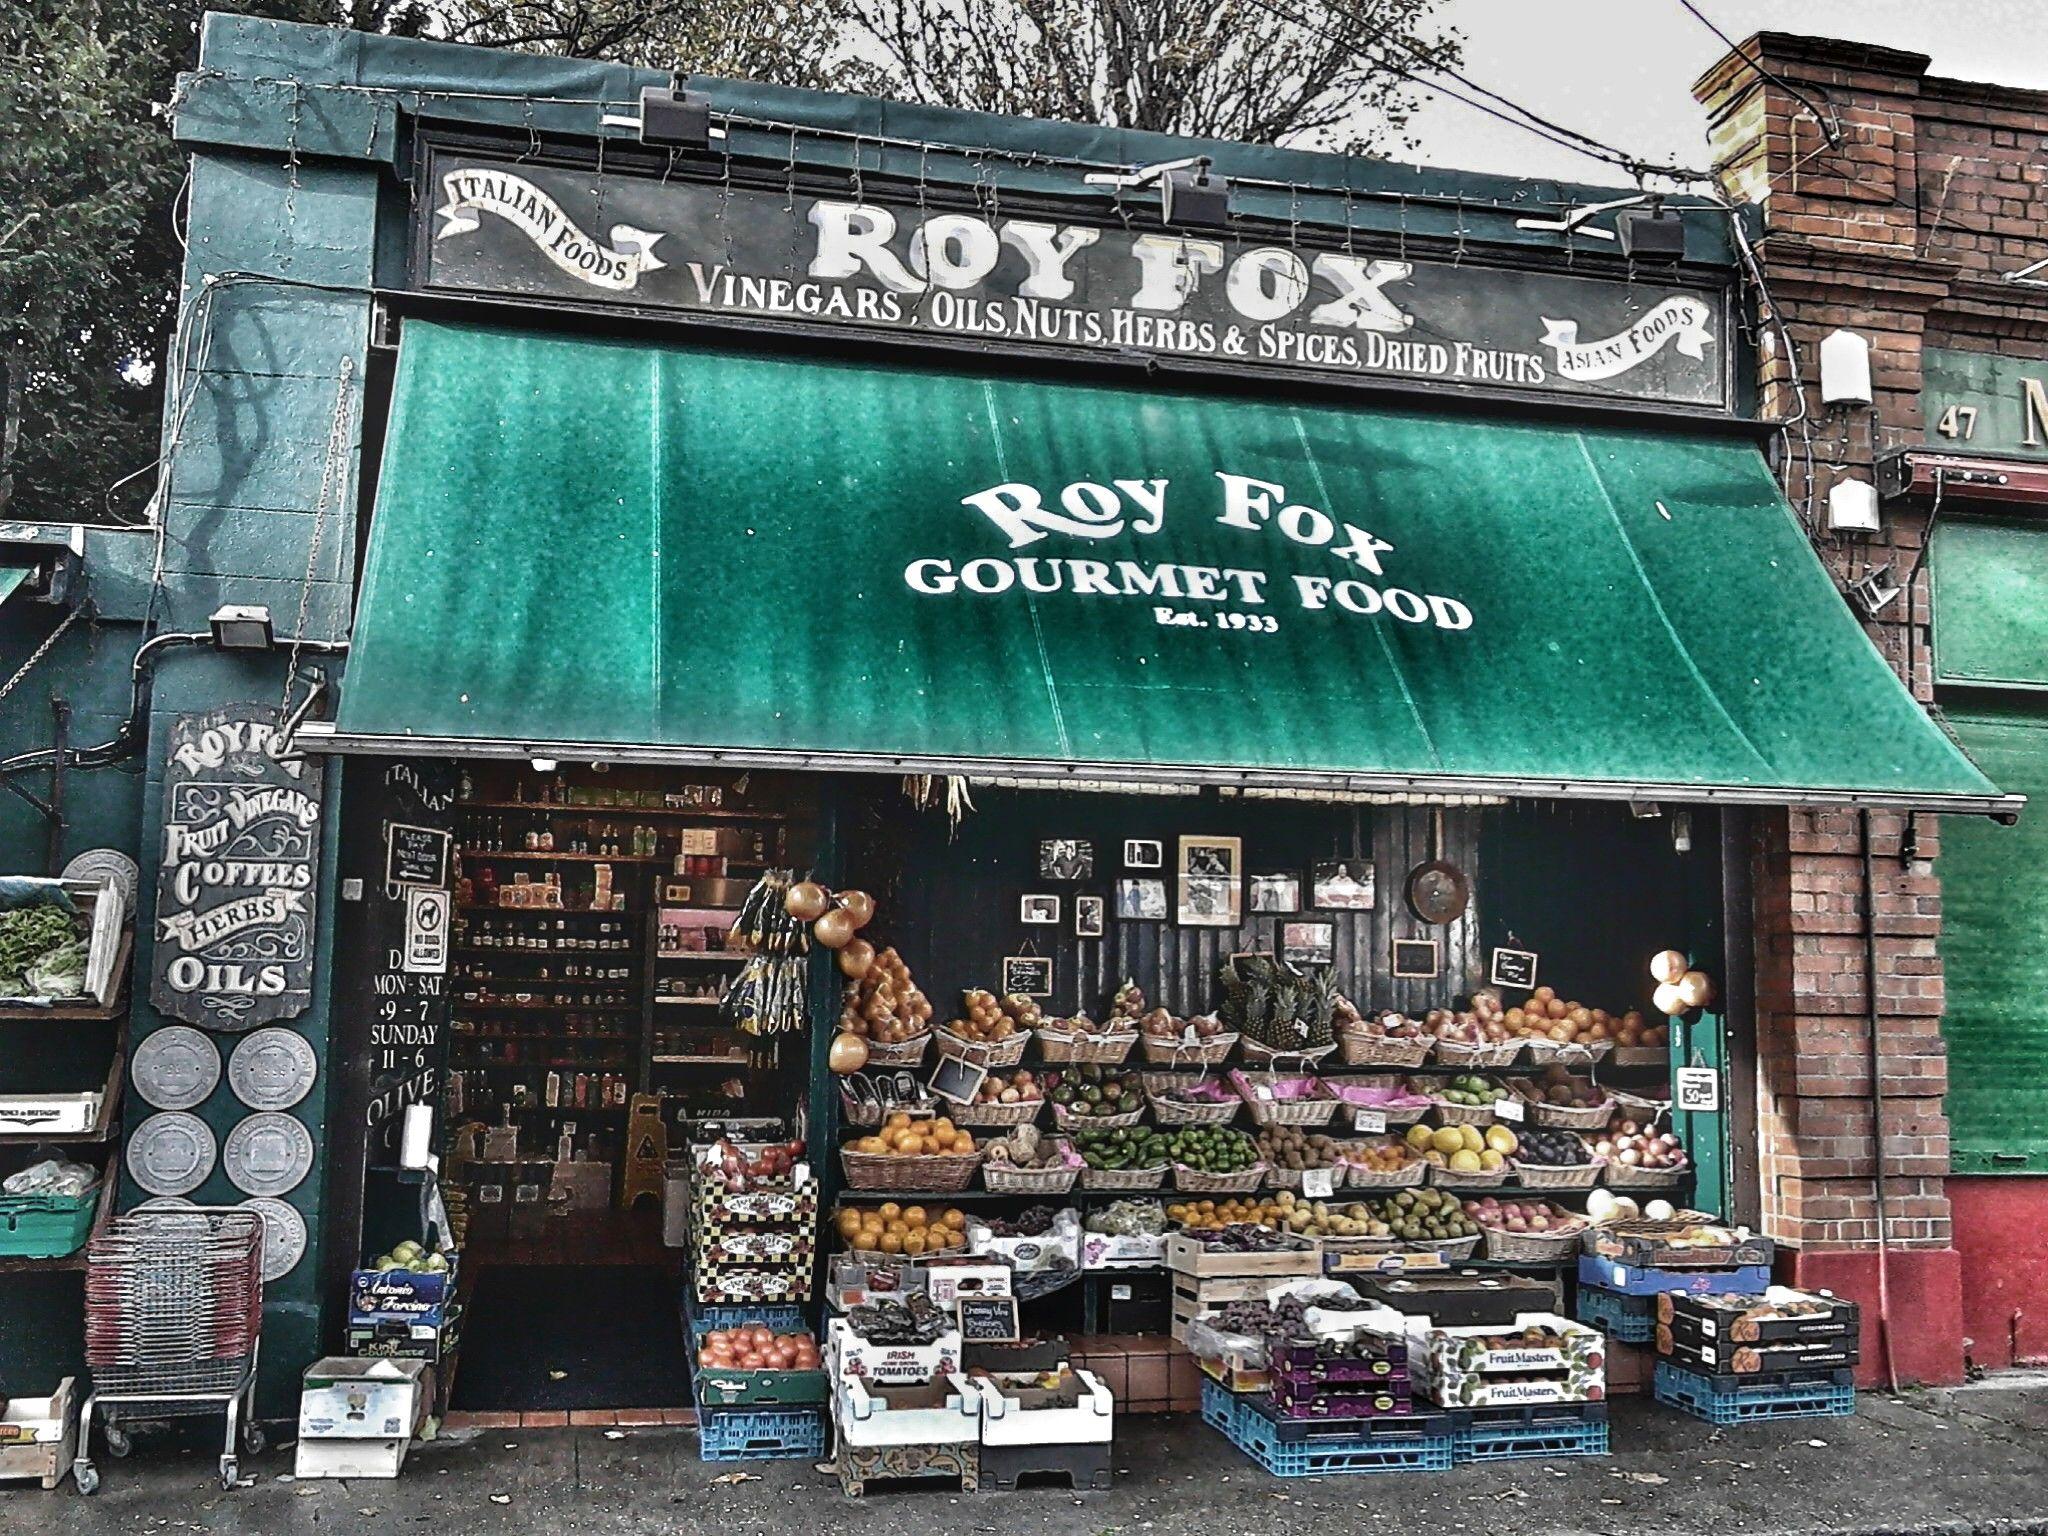 Roy Fox S Shop Donnybrook Dublin Dublin Herbs Spices Dried Fruits